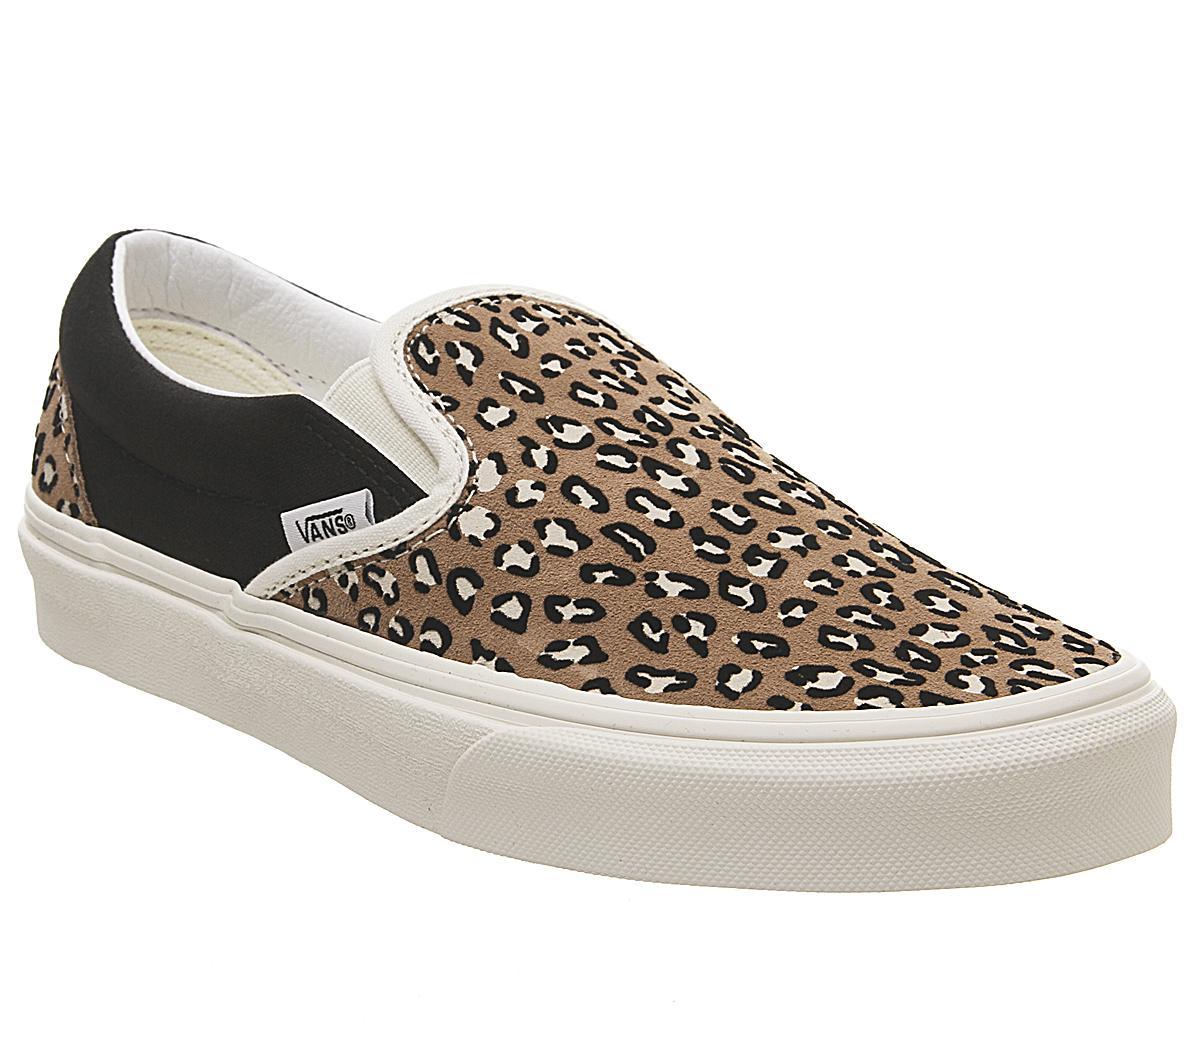 Vans – Klassische Slipper Turnschuhe mit Leopardenmuster